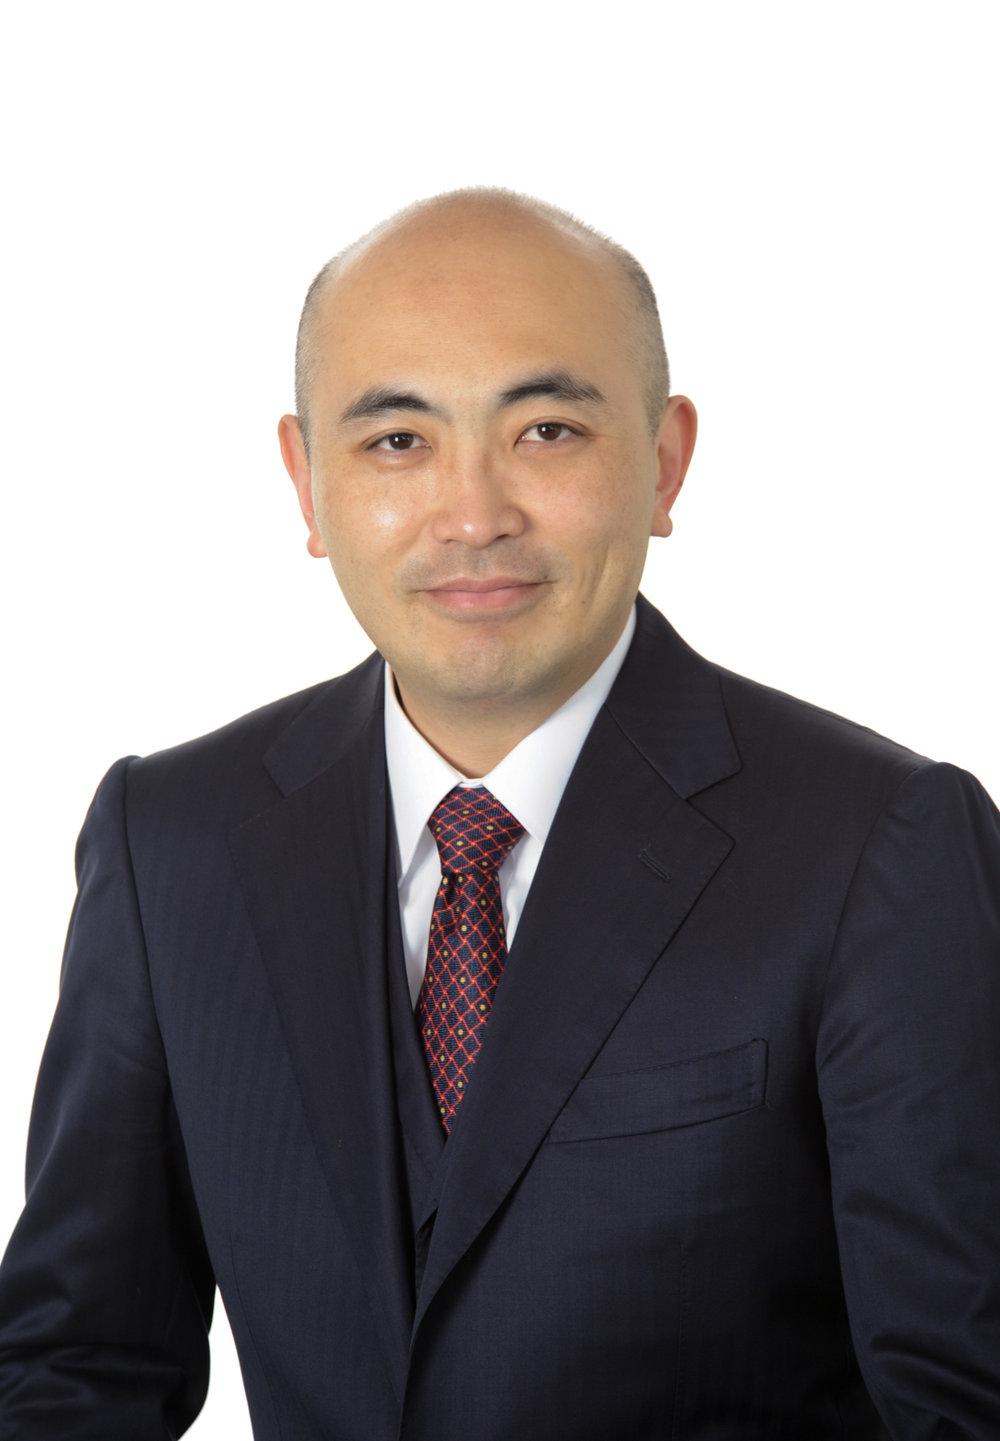 北島 隆次 / Takatsugu KITAJIMA  TMI総合法律事務所 FinTechデスク 弁護士 TMI Associates FinTech desk